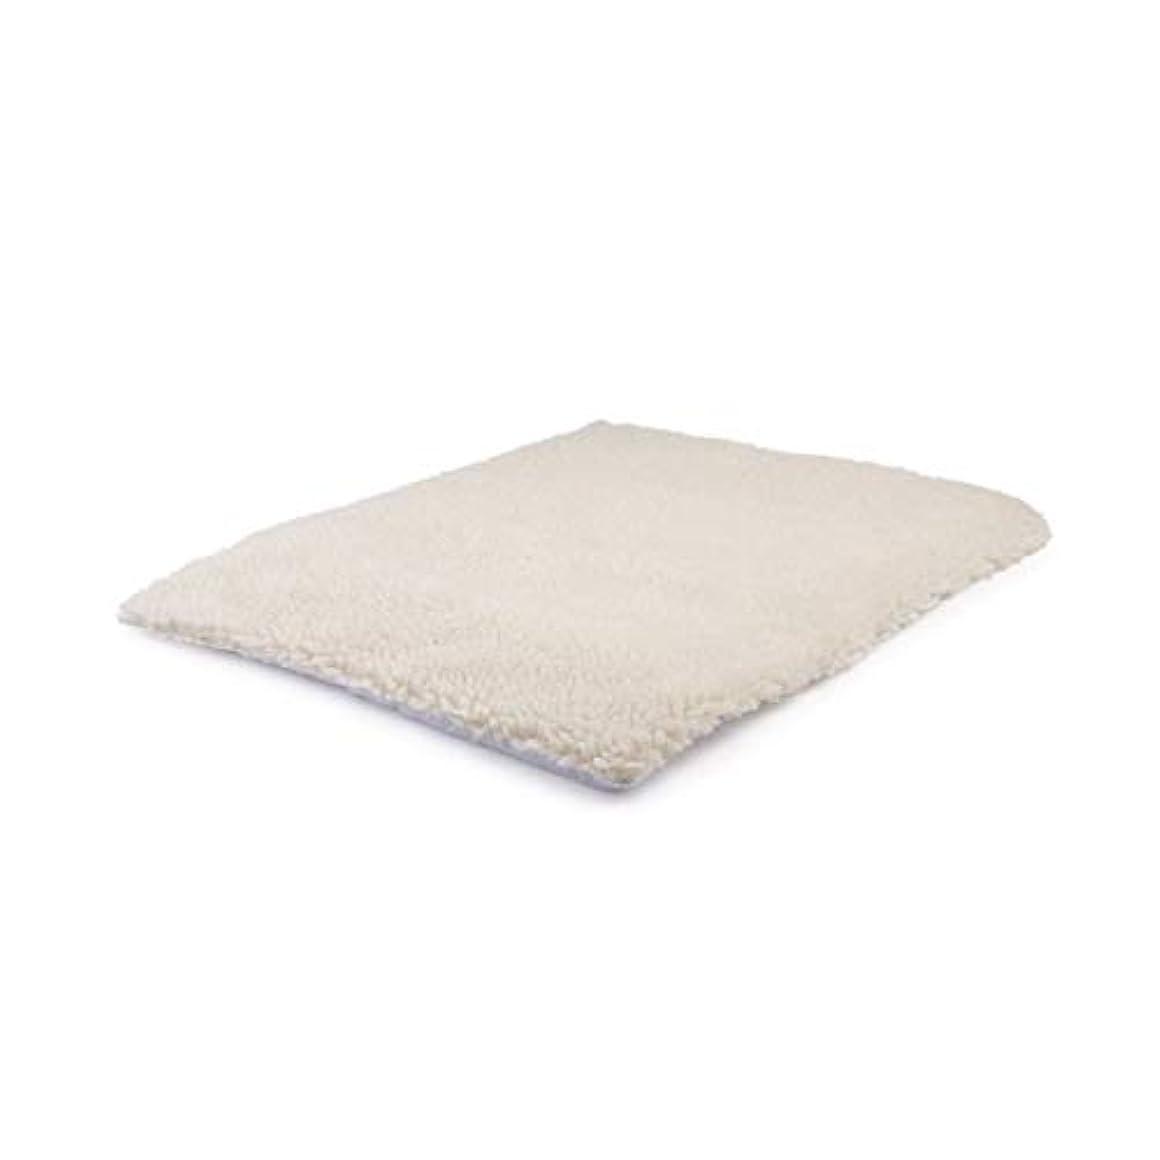 日曜日保有者教育学Saikogoods 自己発熱ペット毛布 ペットベッド ウォッシャブル ノーエレクトリック スーパーソフト 子犬子猫毛布 ベッドマット ベージュ 640×460mm